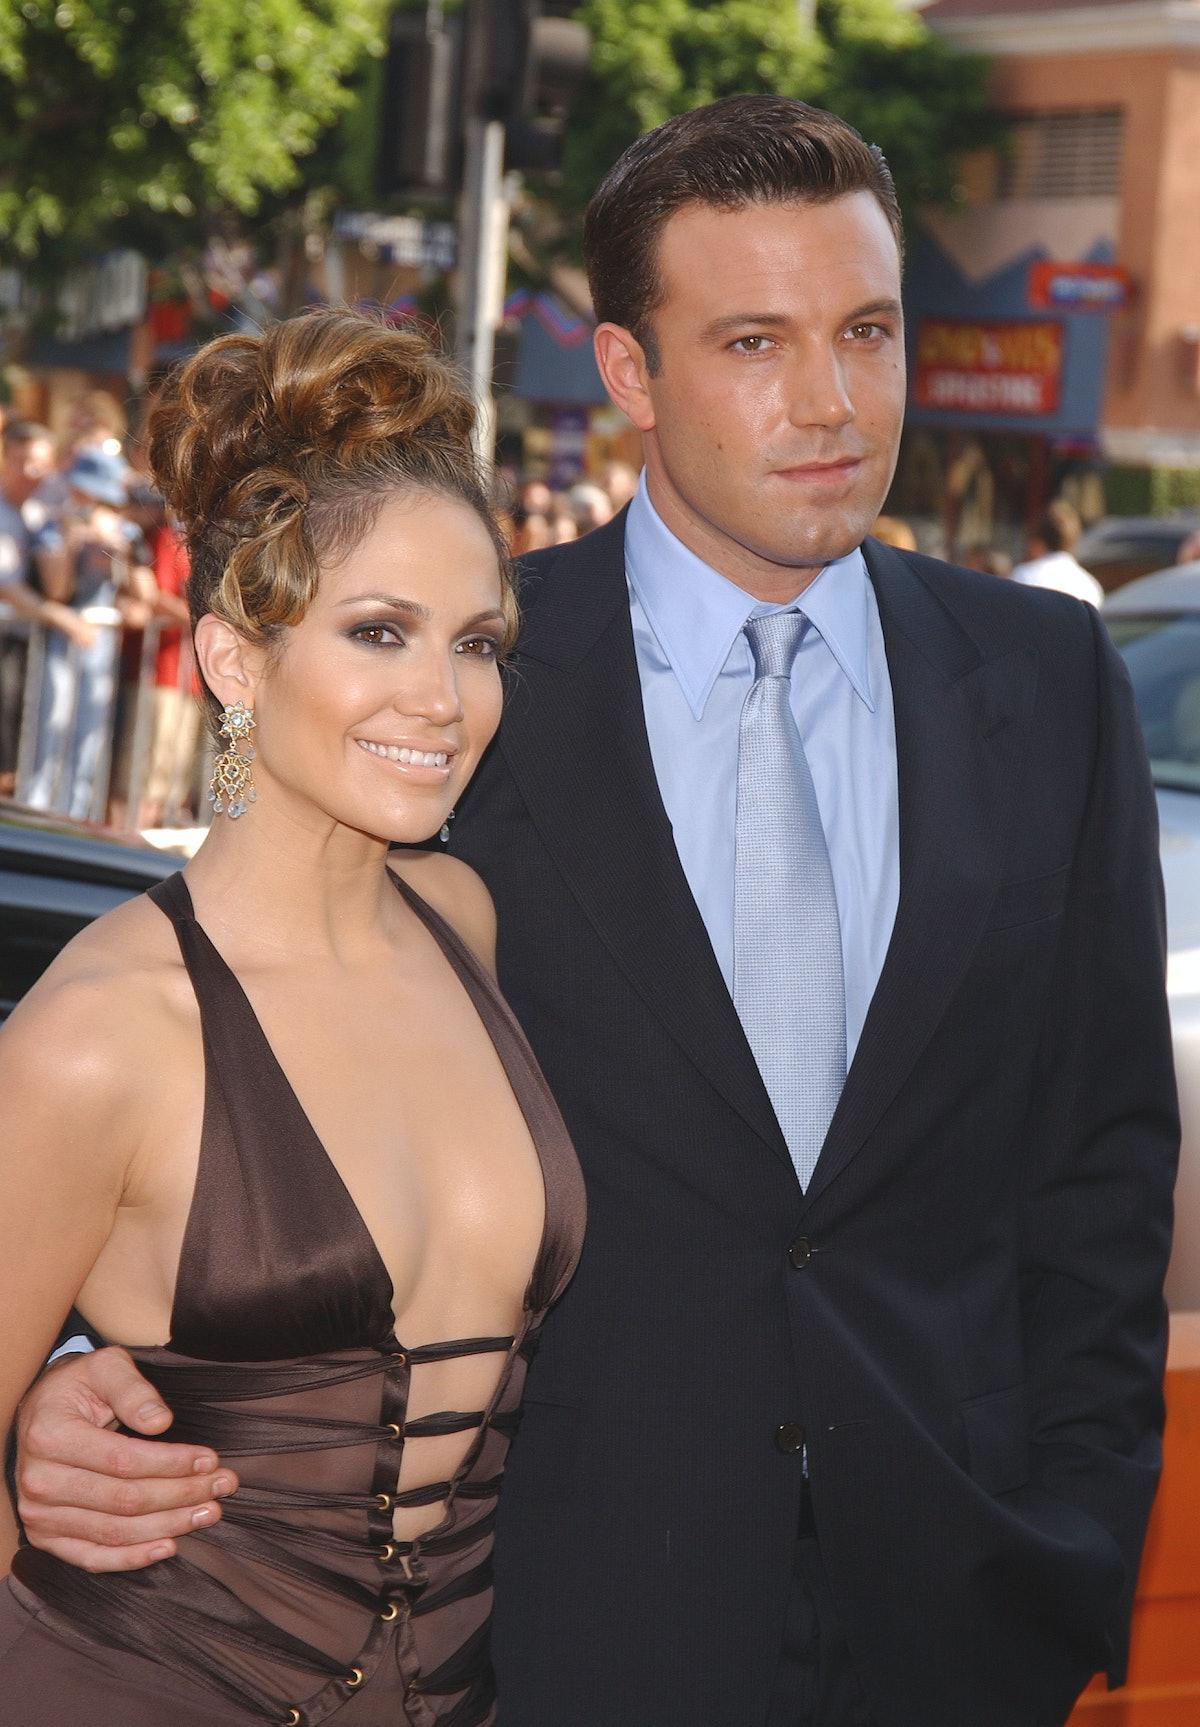 Jennifer Lopez and ex Ben Affleck attend an event.